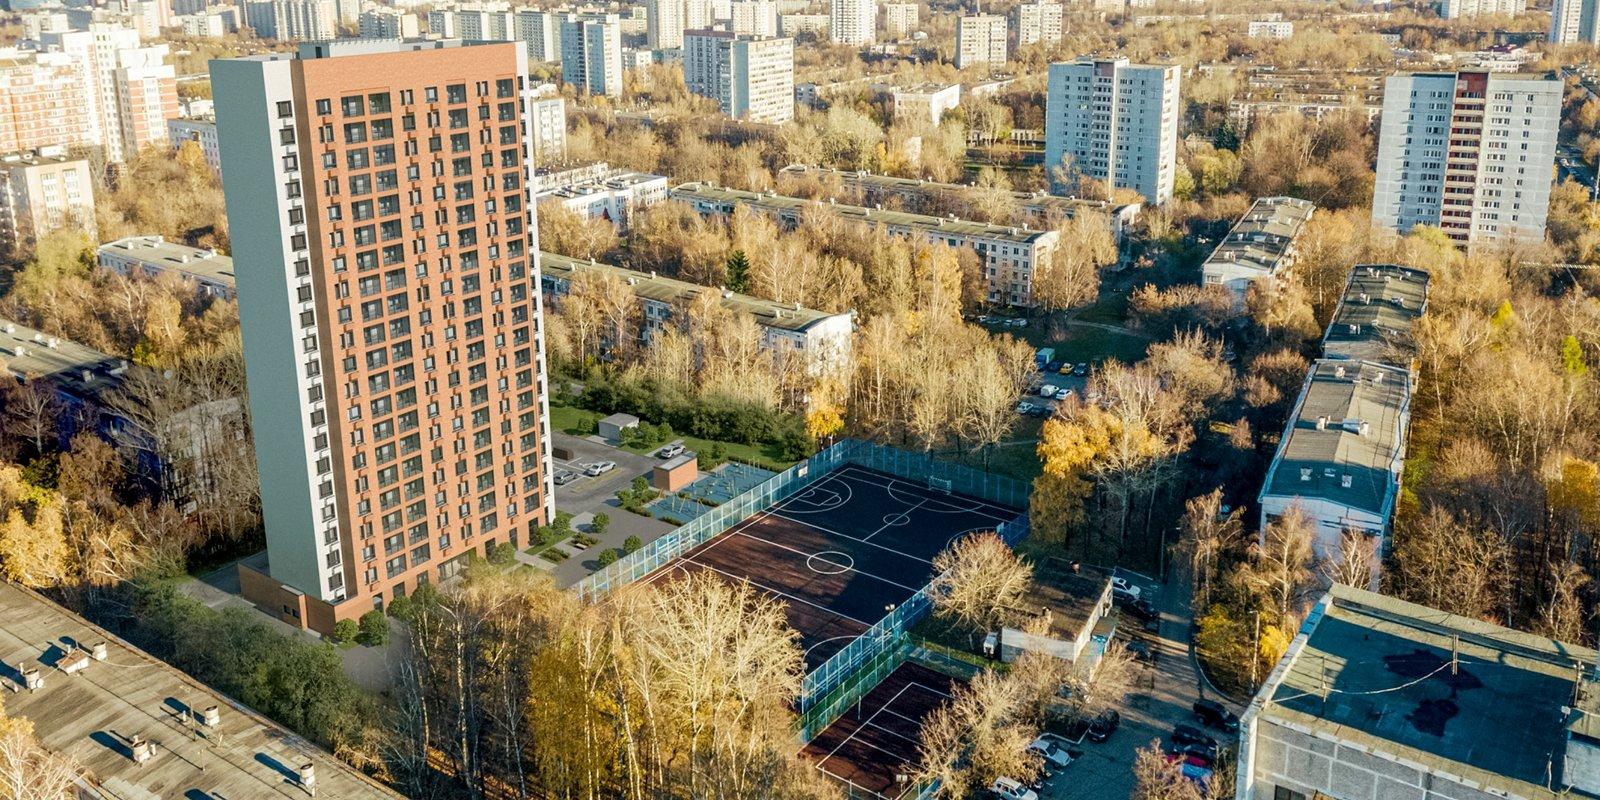 Планировки квартир ул. Керченская, влд. 30, к. 1 (ЮЗАО) - стартовый дом в Зюзино